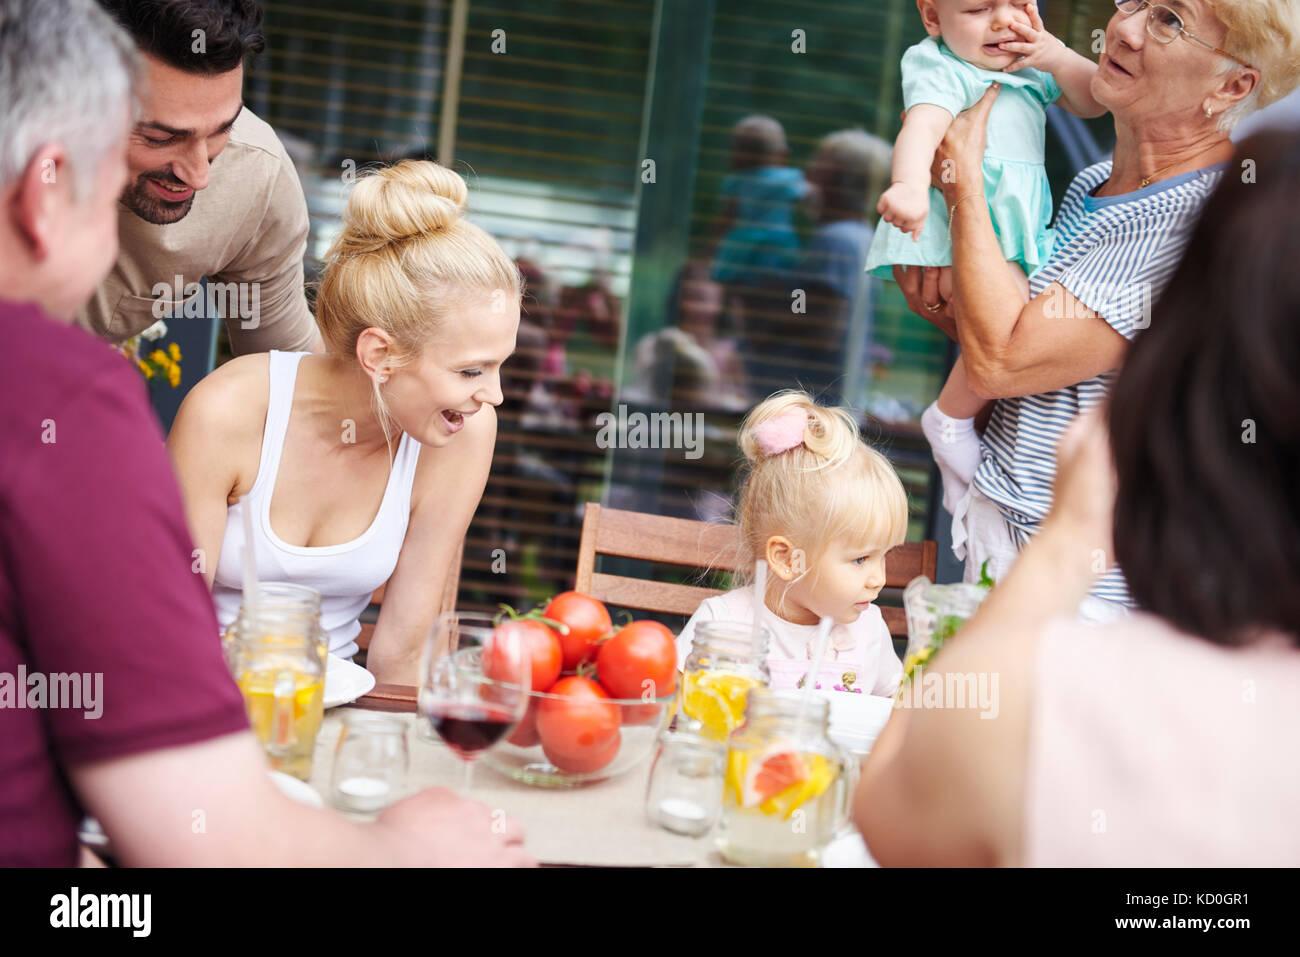 Drei generation Familie mit Baby und Kleinkind bei Familie Mittagessen auf der Terrasse Tisch Stockbild